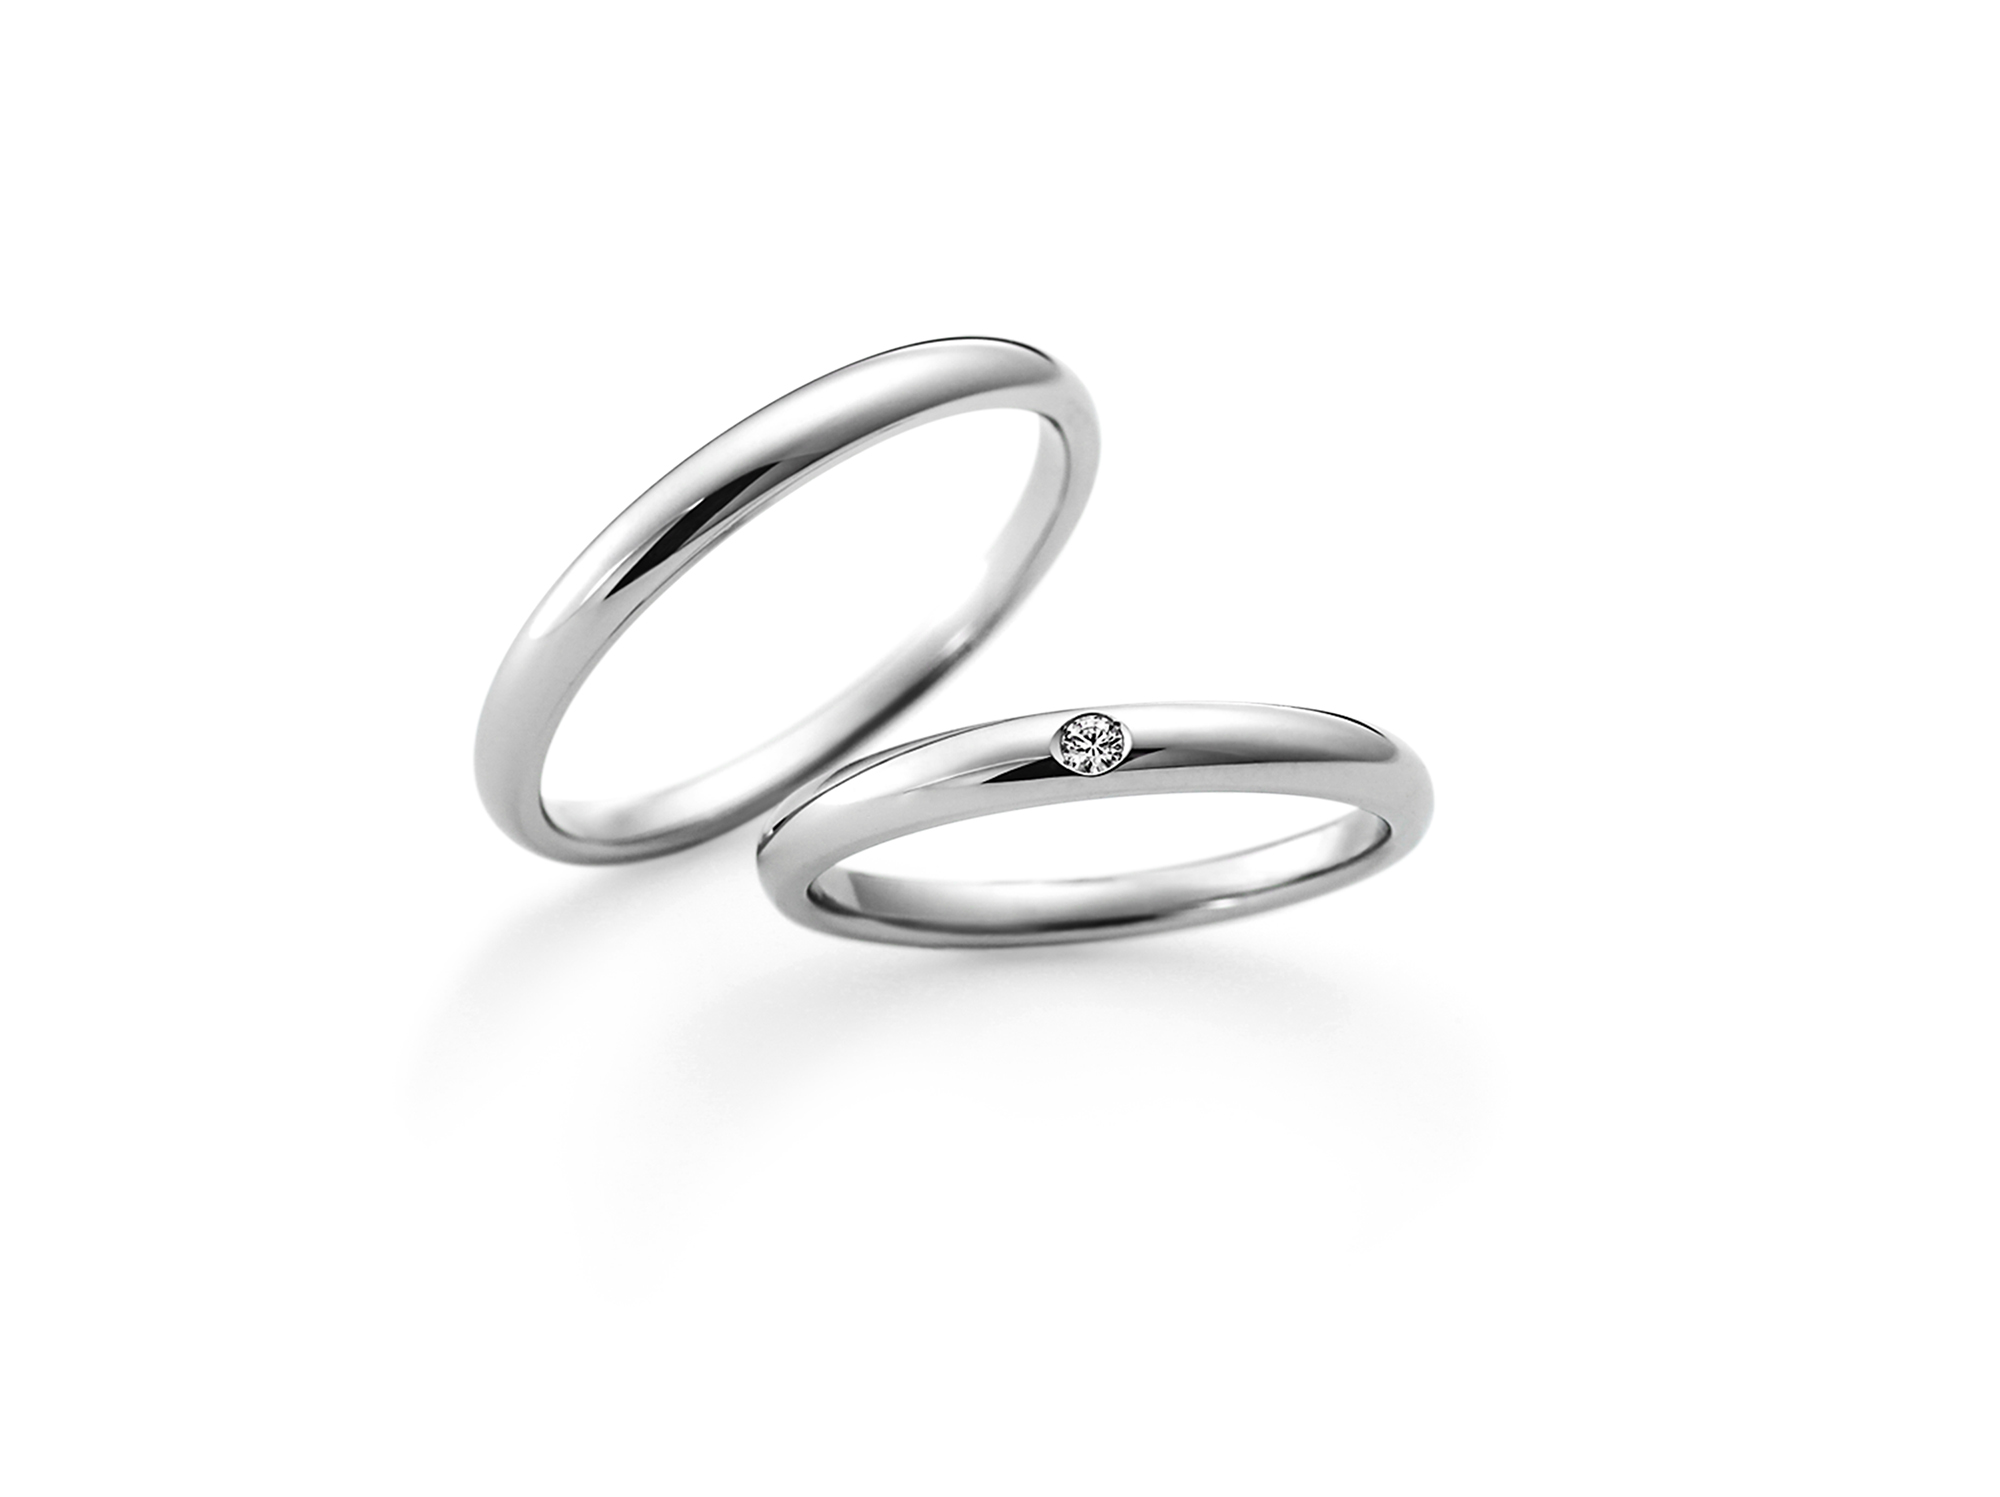 ラザールダイヤモンドの結婚指輪 1石